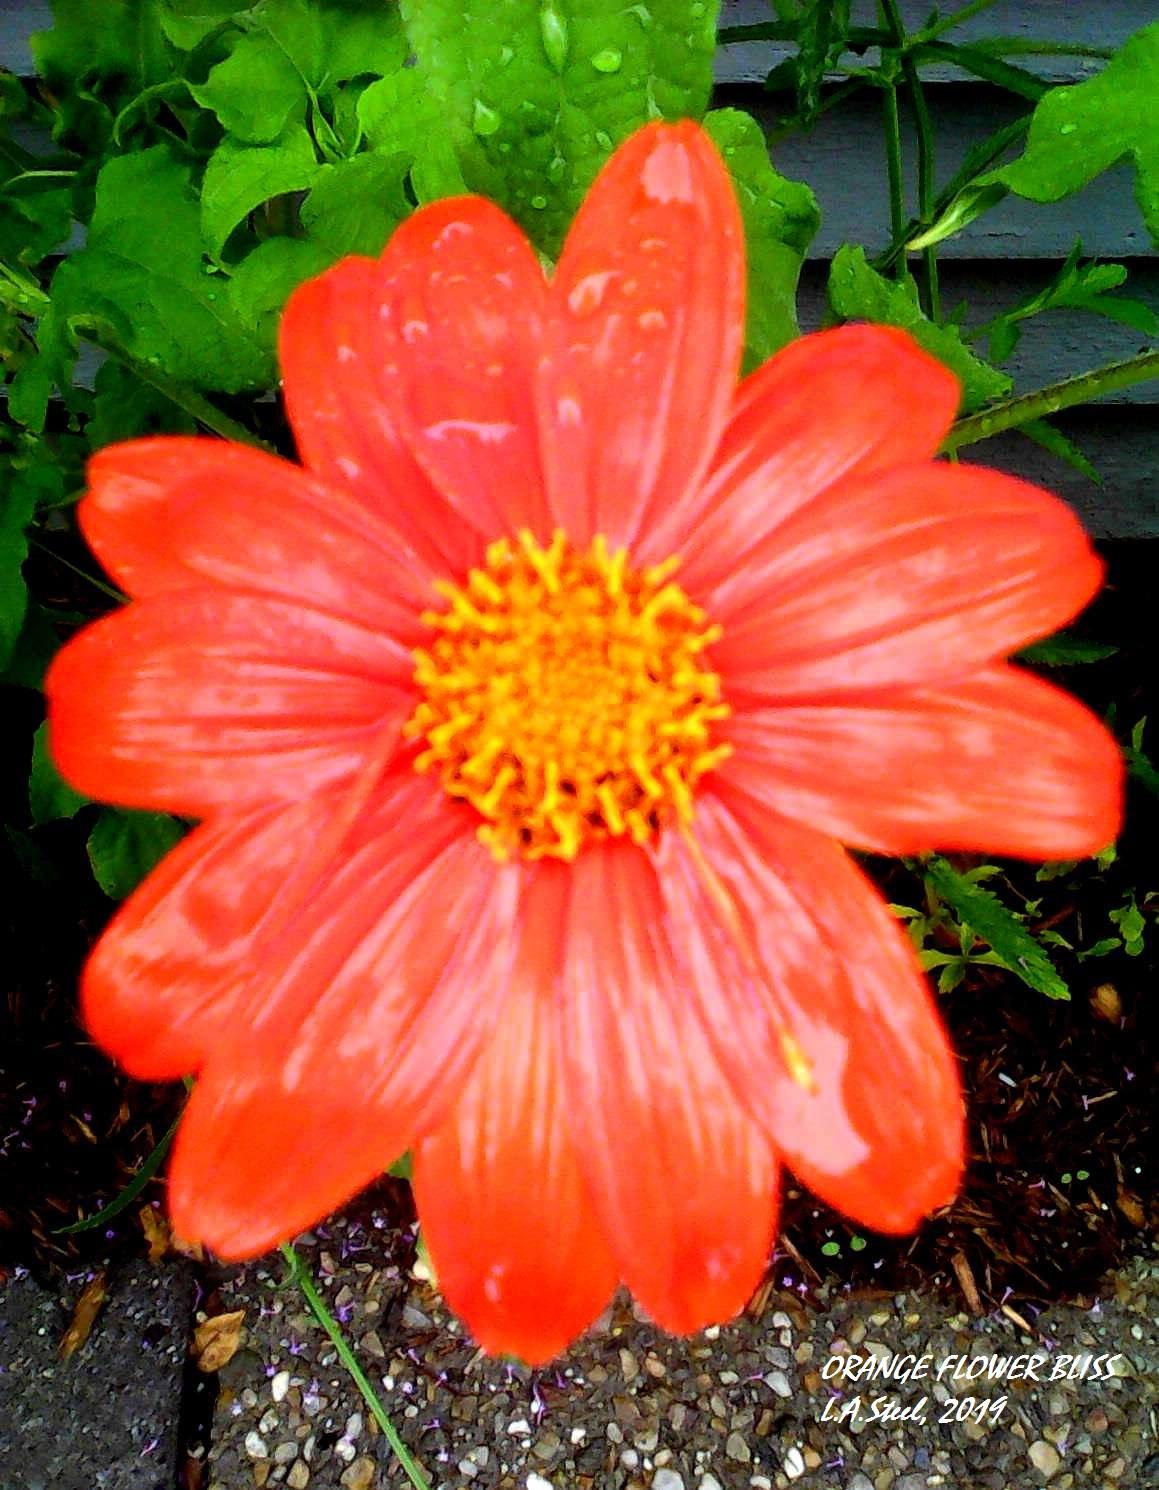 orange flower bliss 2 2019